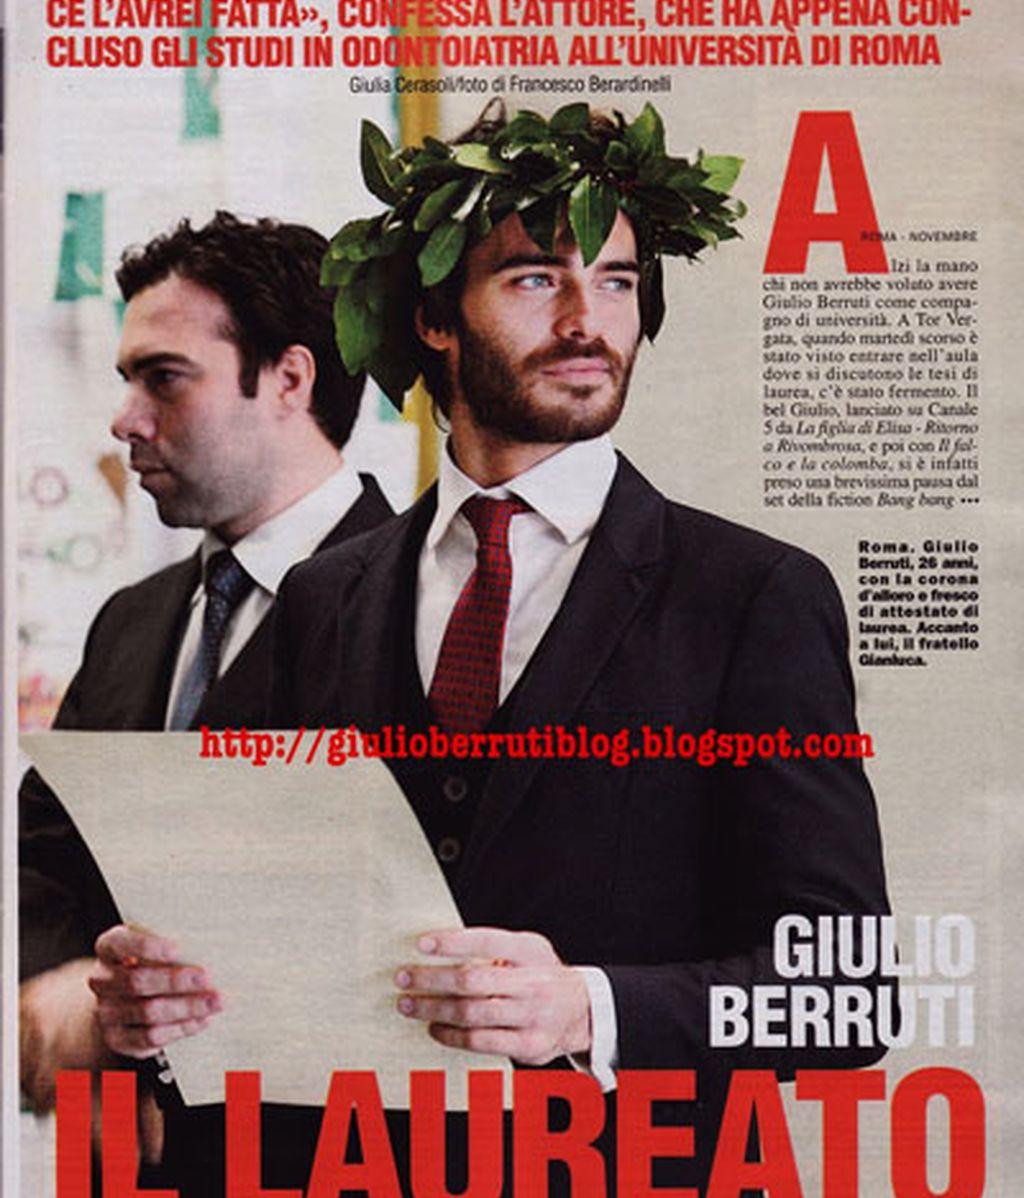 Giulio Berruti, ese hombre